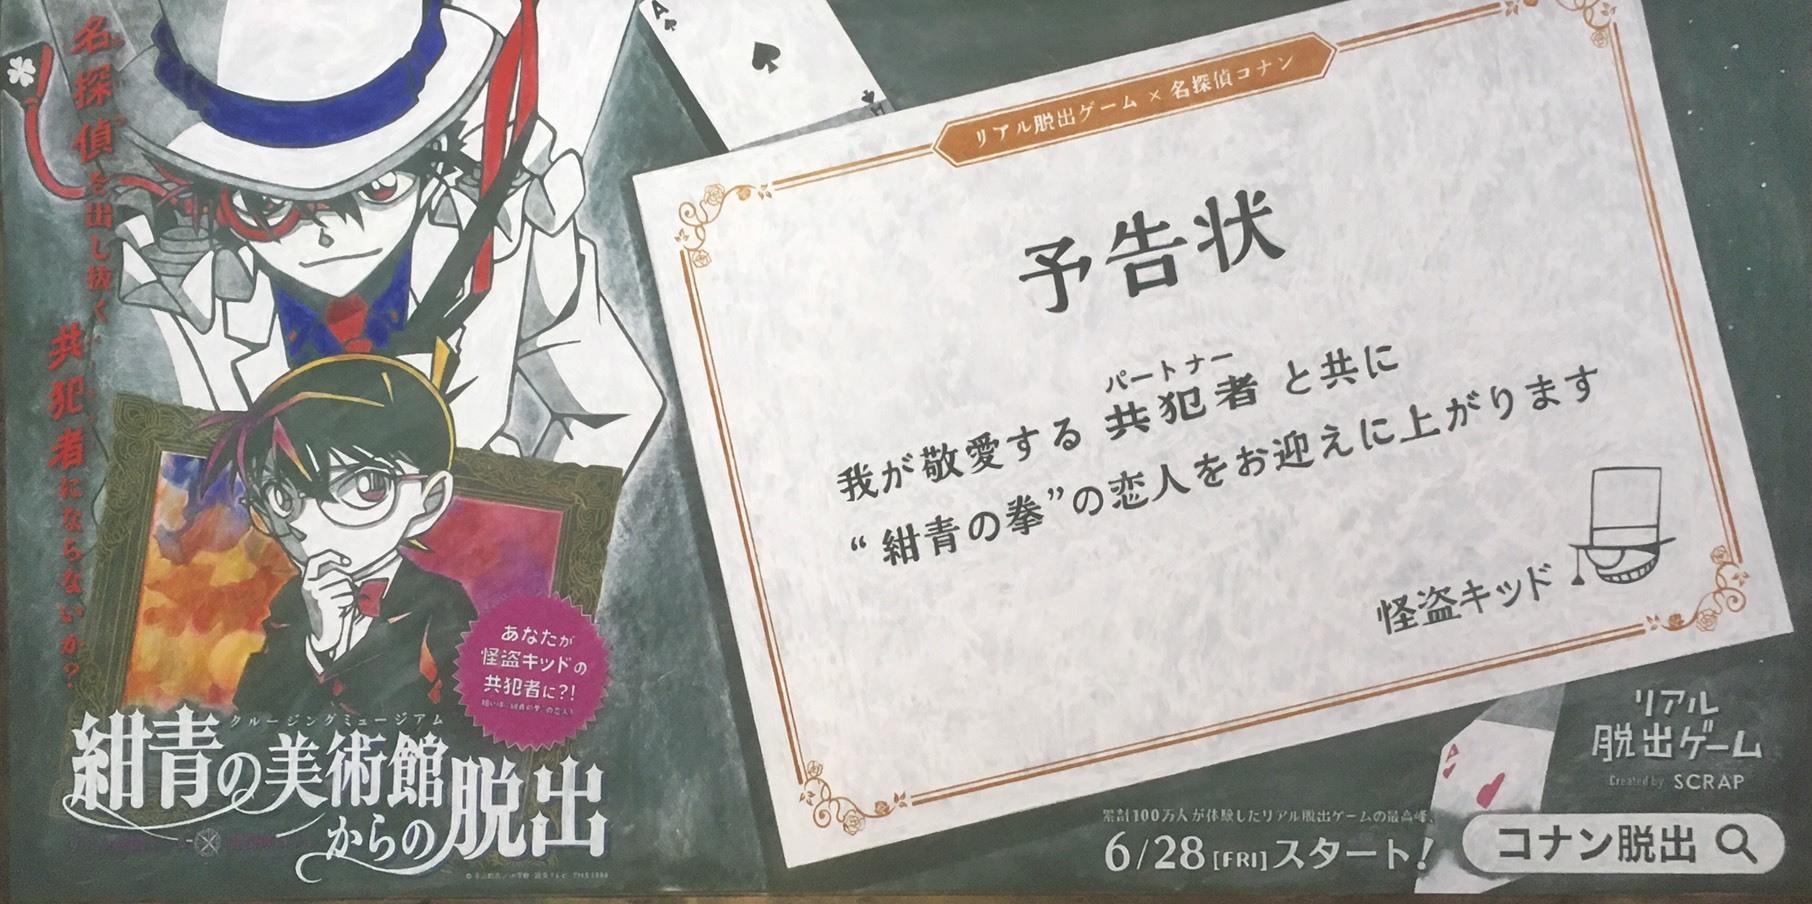 出現する予告状 (C) 青山剛昌/小学館・読売テレビ・TMS 1996